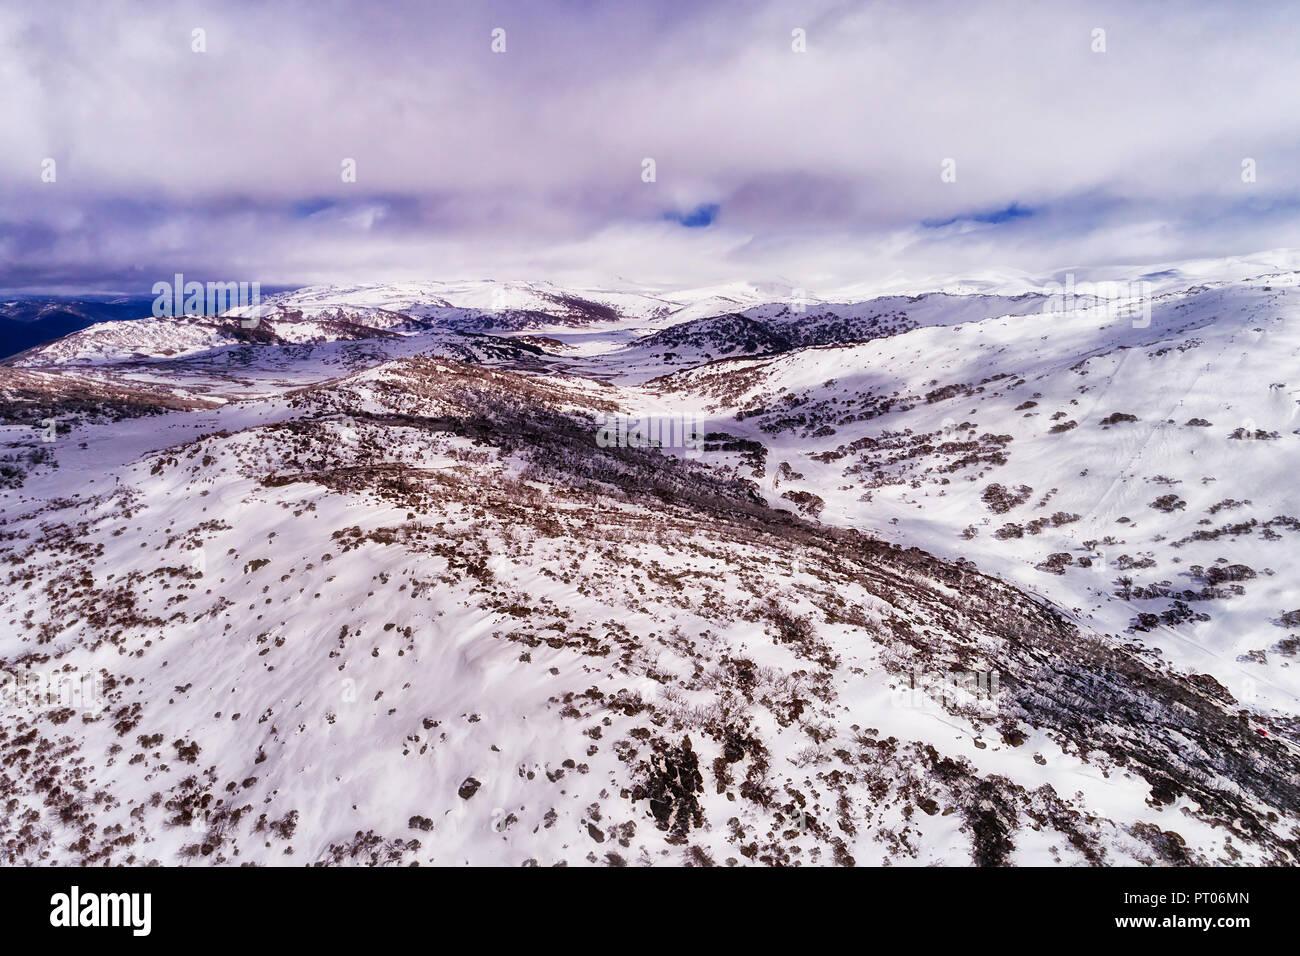 Pentes de neige blanche des plus hautes montagnes en Australie sous les nuages blancs le long de Perisher valley d'une épaisse couche de neige et de ski pistes sportives. Photo Stock